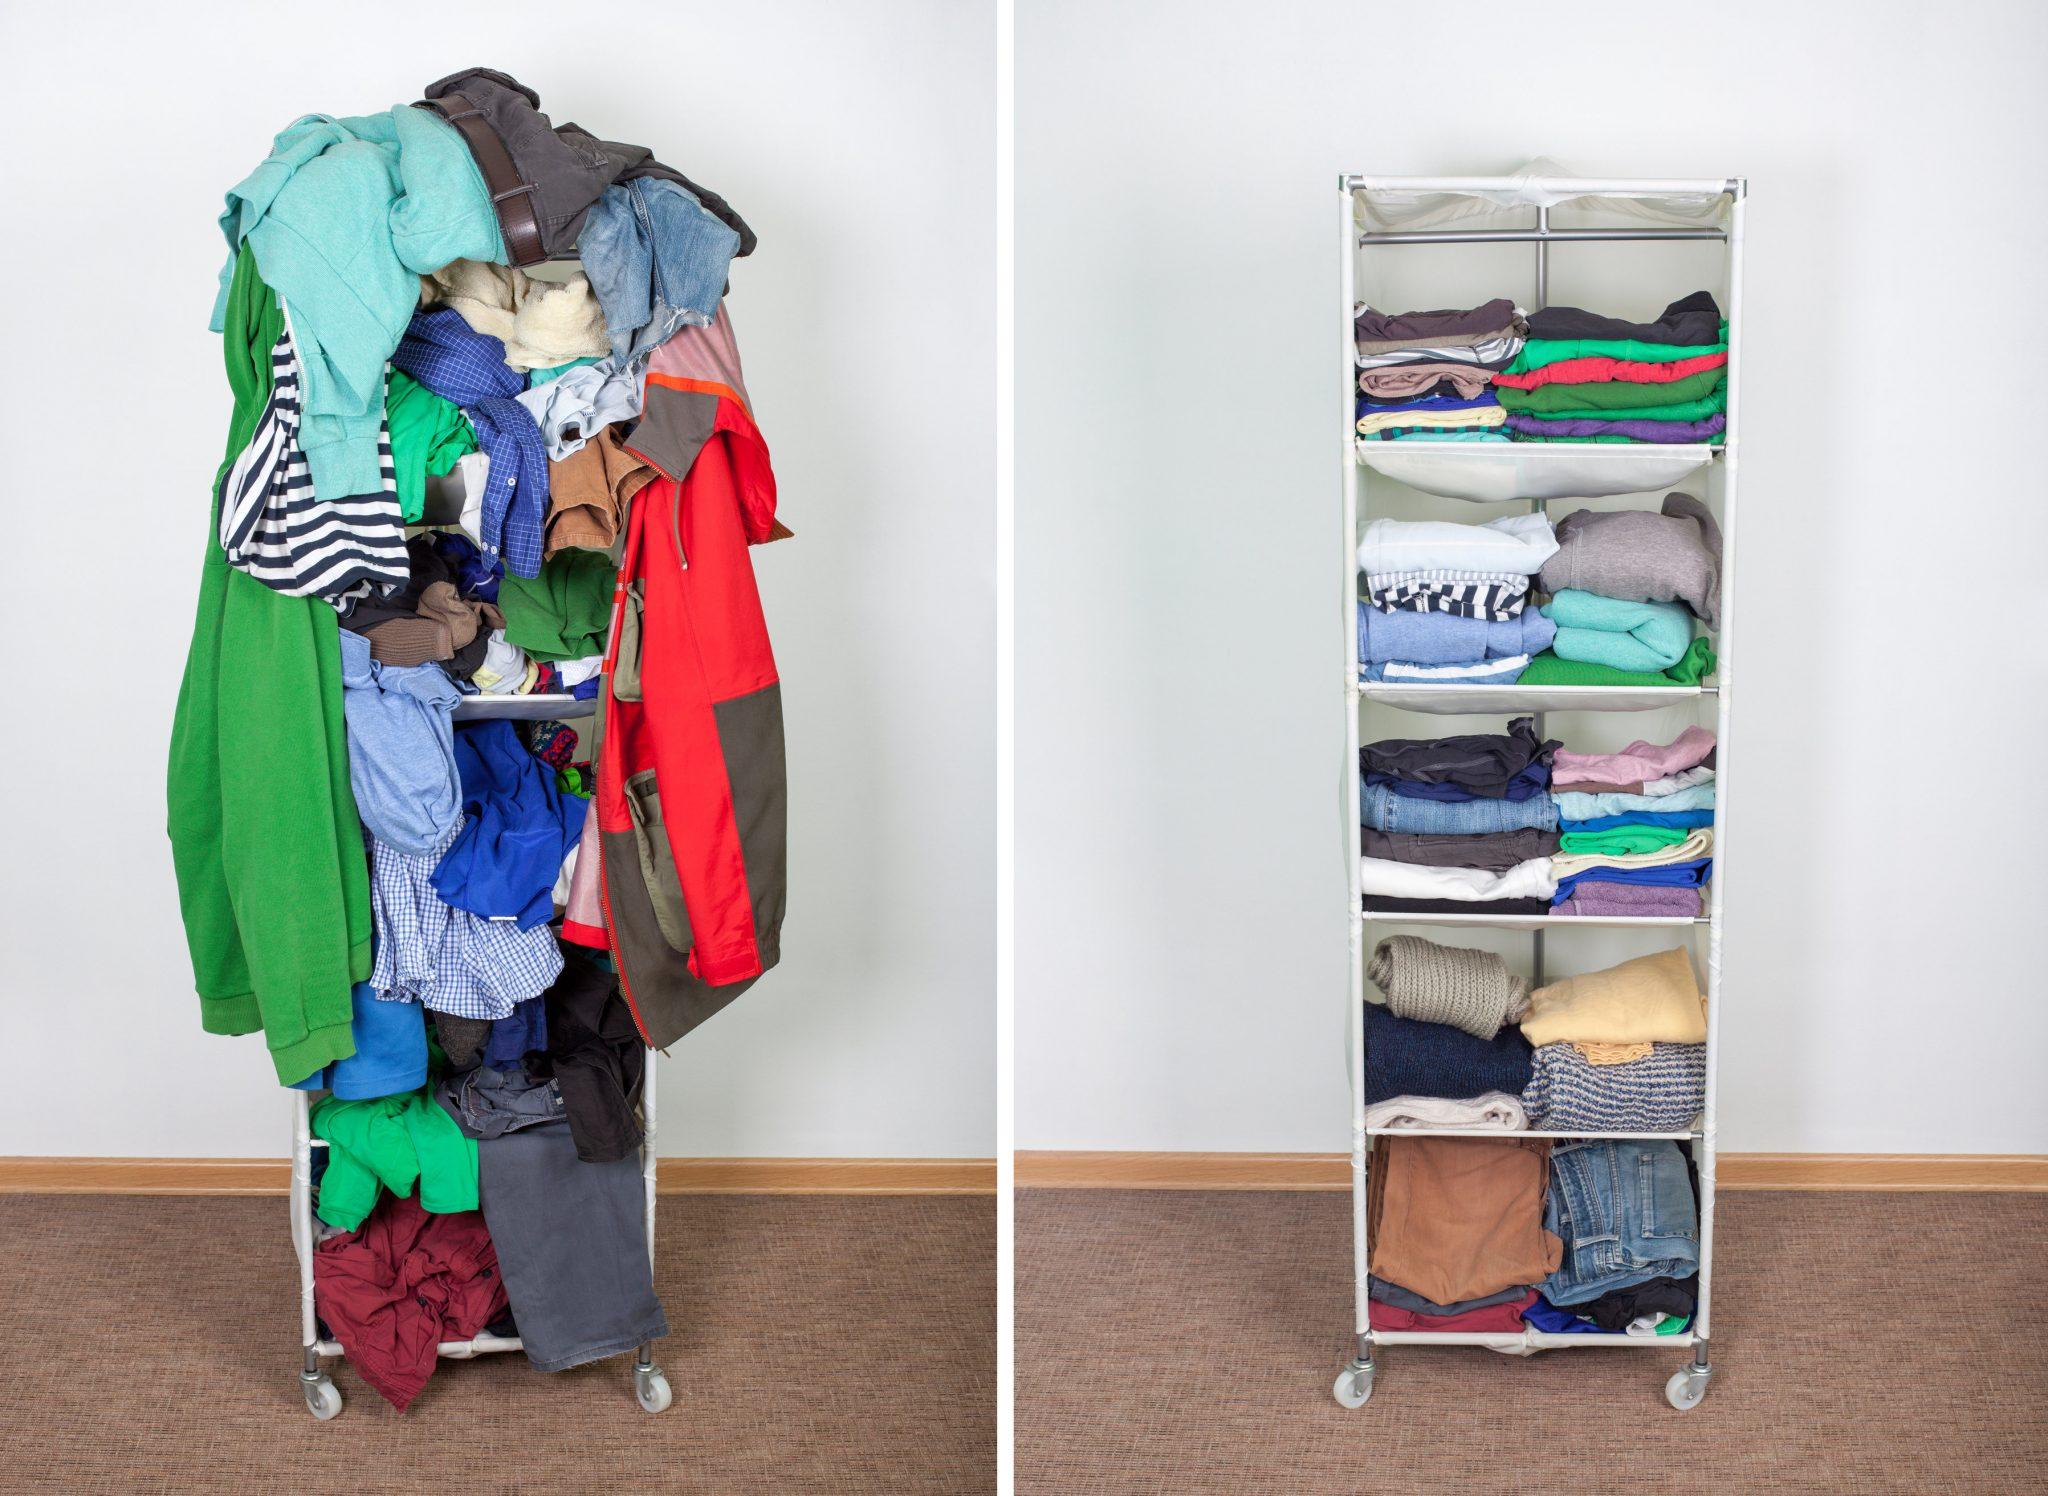 Beyond Storage 30 Day Room Declutter Challenge. Marie Kondo. Declutter room.